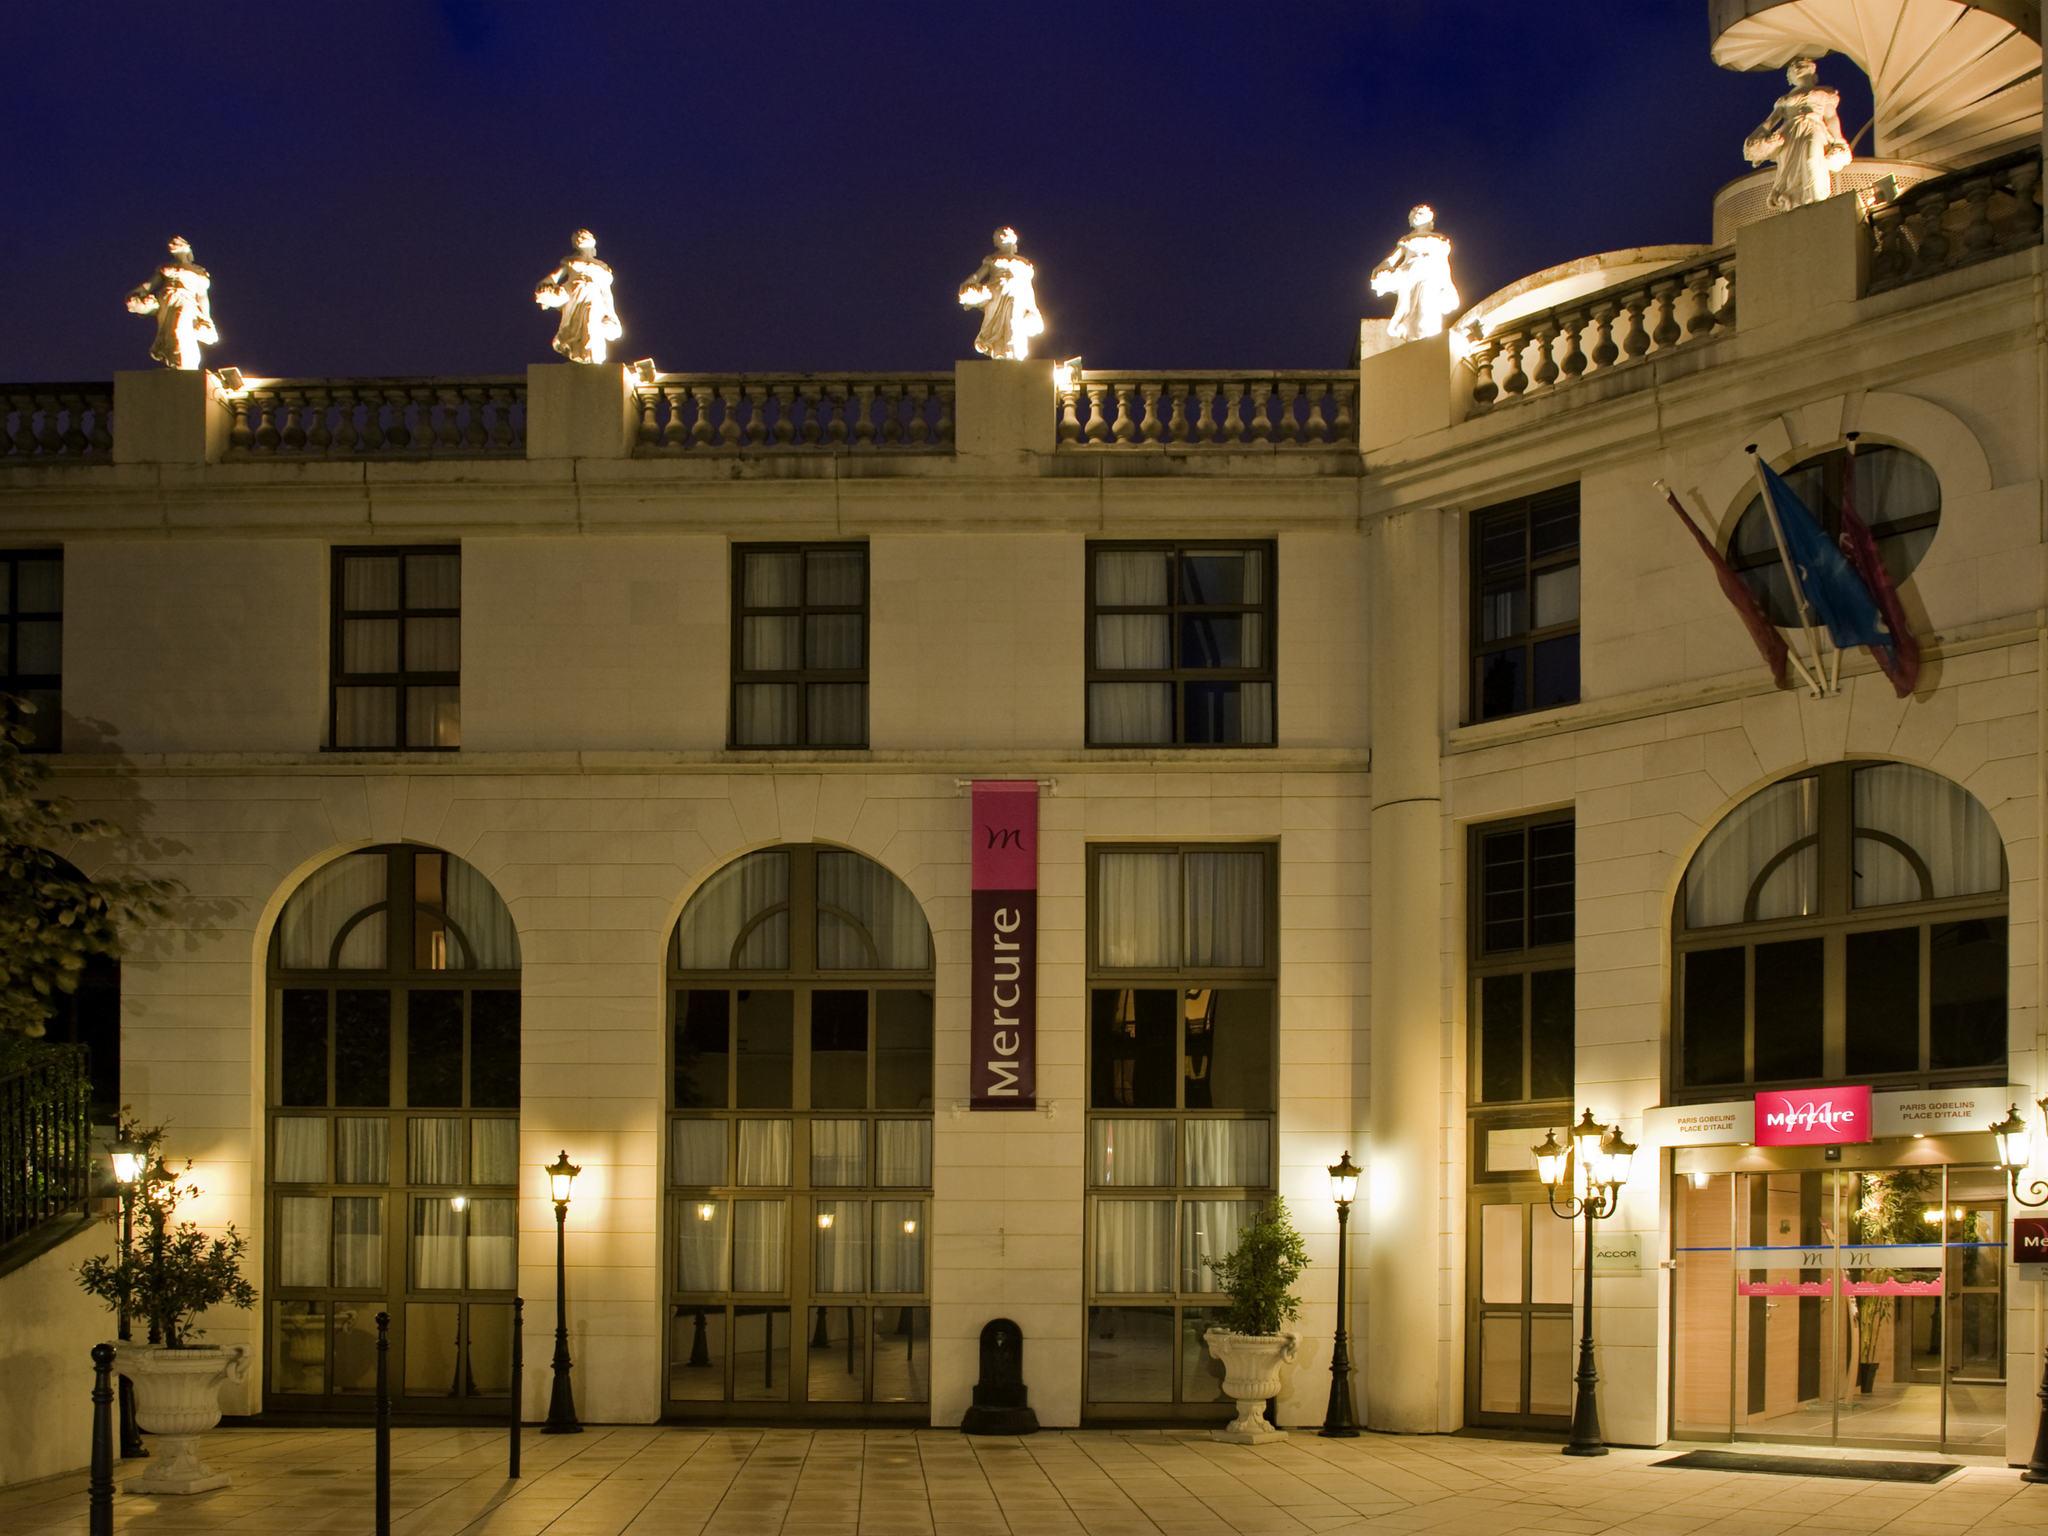 hotel em paris hotel mercure paris gobelins place d 39 italie. Black Bedroom Furniture Sets. Home Design Ideas